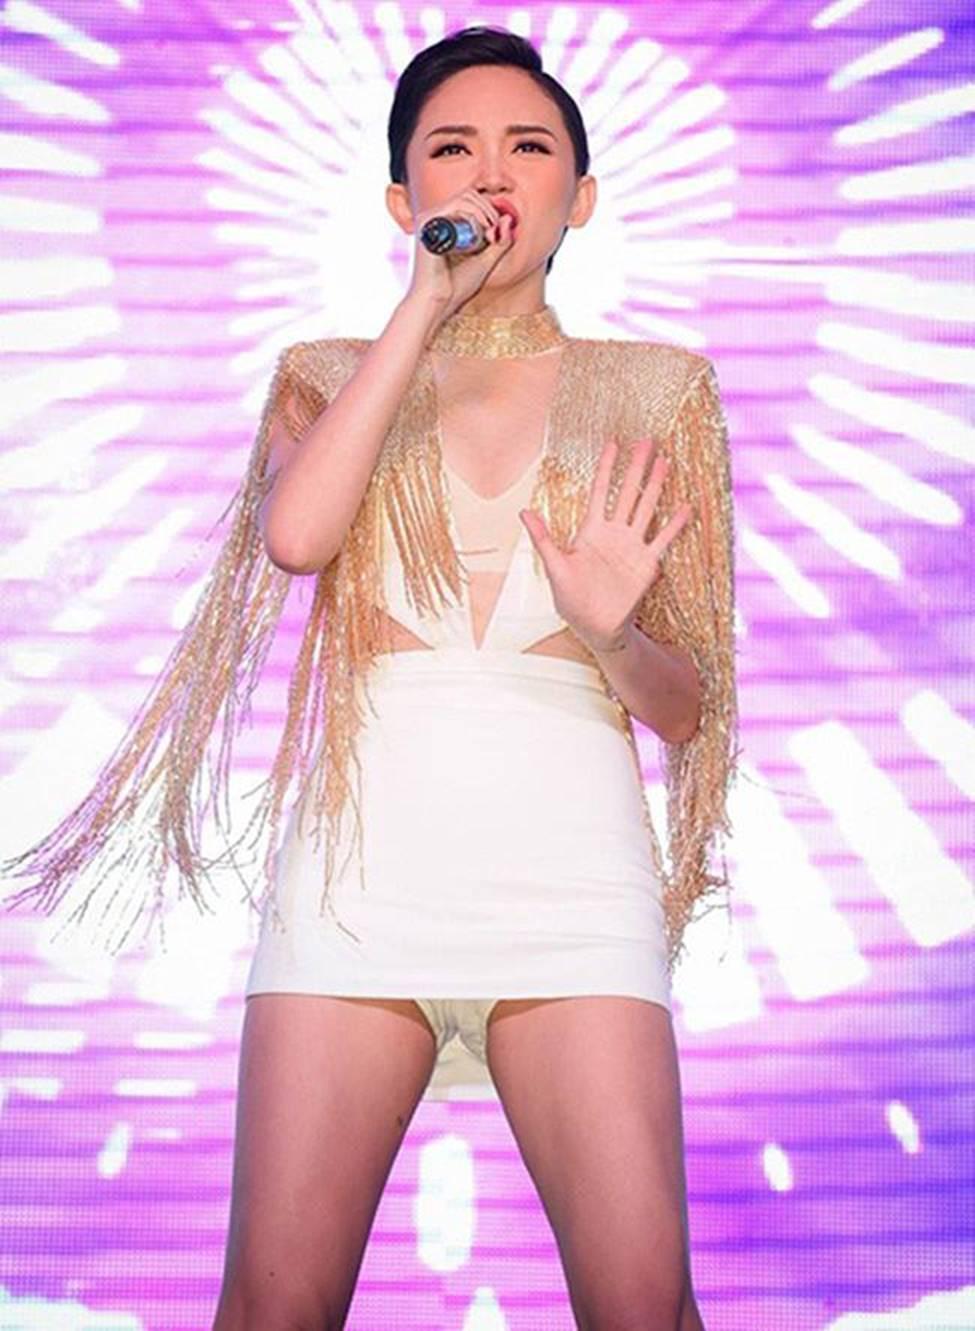 Đông Nhi và Tóc Tiên cũng khéo chọn quần màu trắng đồng màu với đầm ngắn bên ngoài, nhờ vậy mà trong nhiều góc máy 'hiểm hóc' thì hình ảnh của các nữ ca sĩ không bị lâm vào tình huống nhạy cảm.